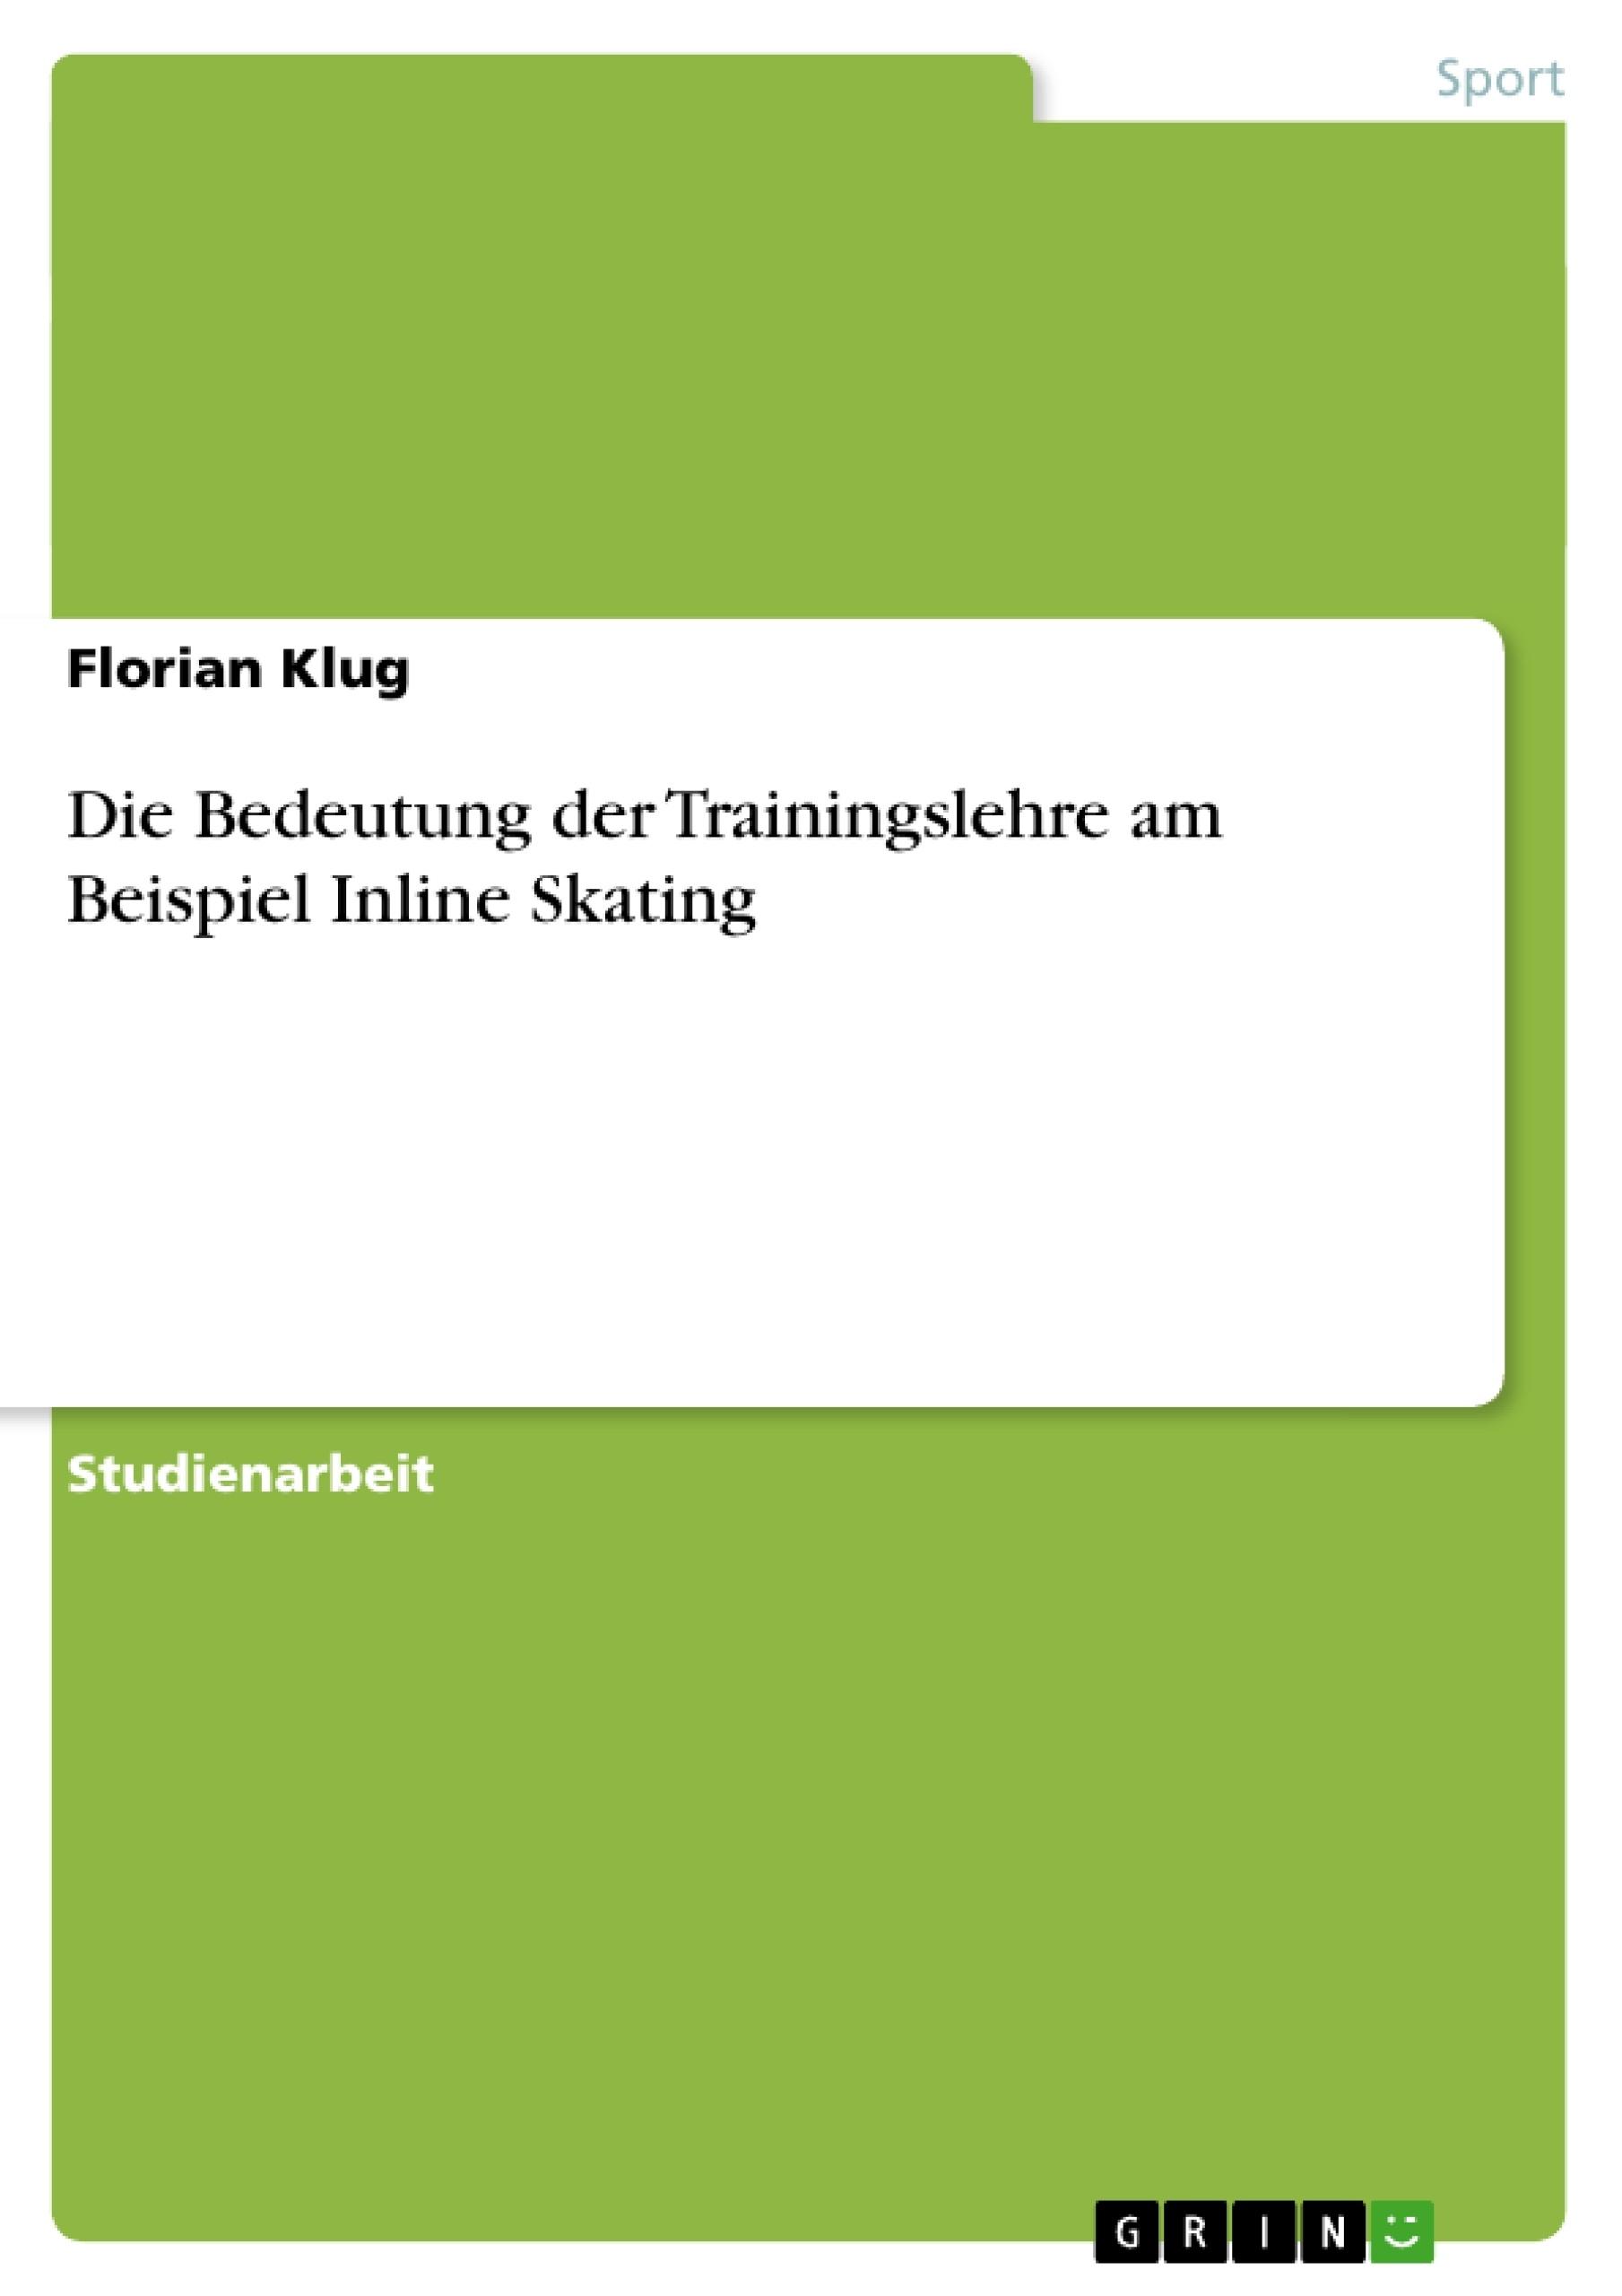 Titel: Die Bedeutung der Trainingslehre am Beispiel Inline Skating